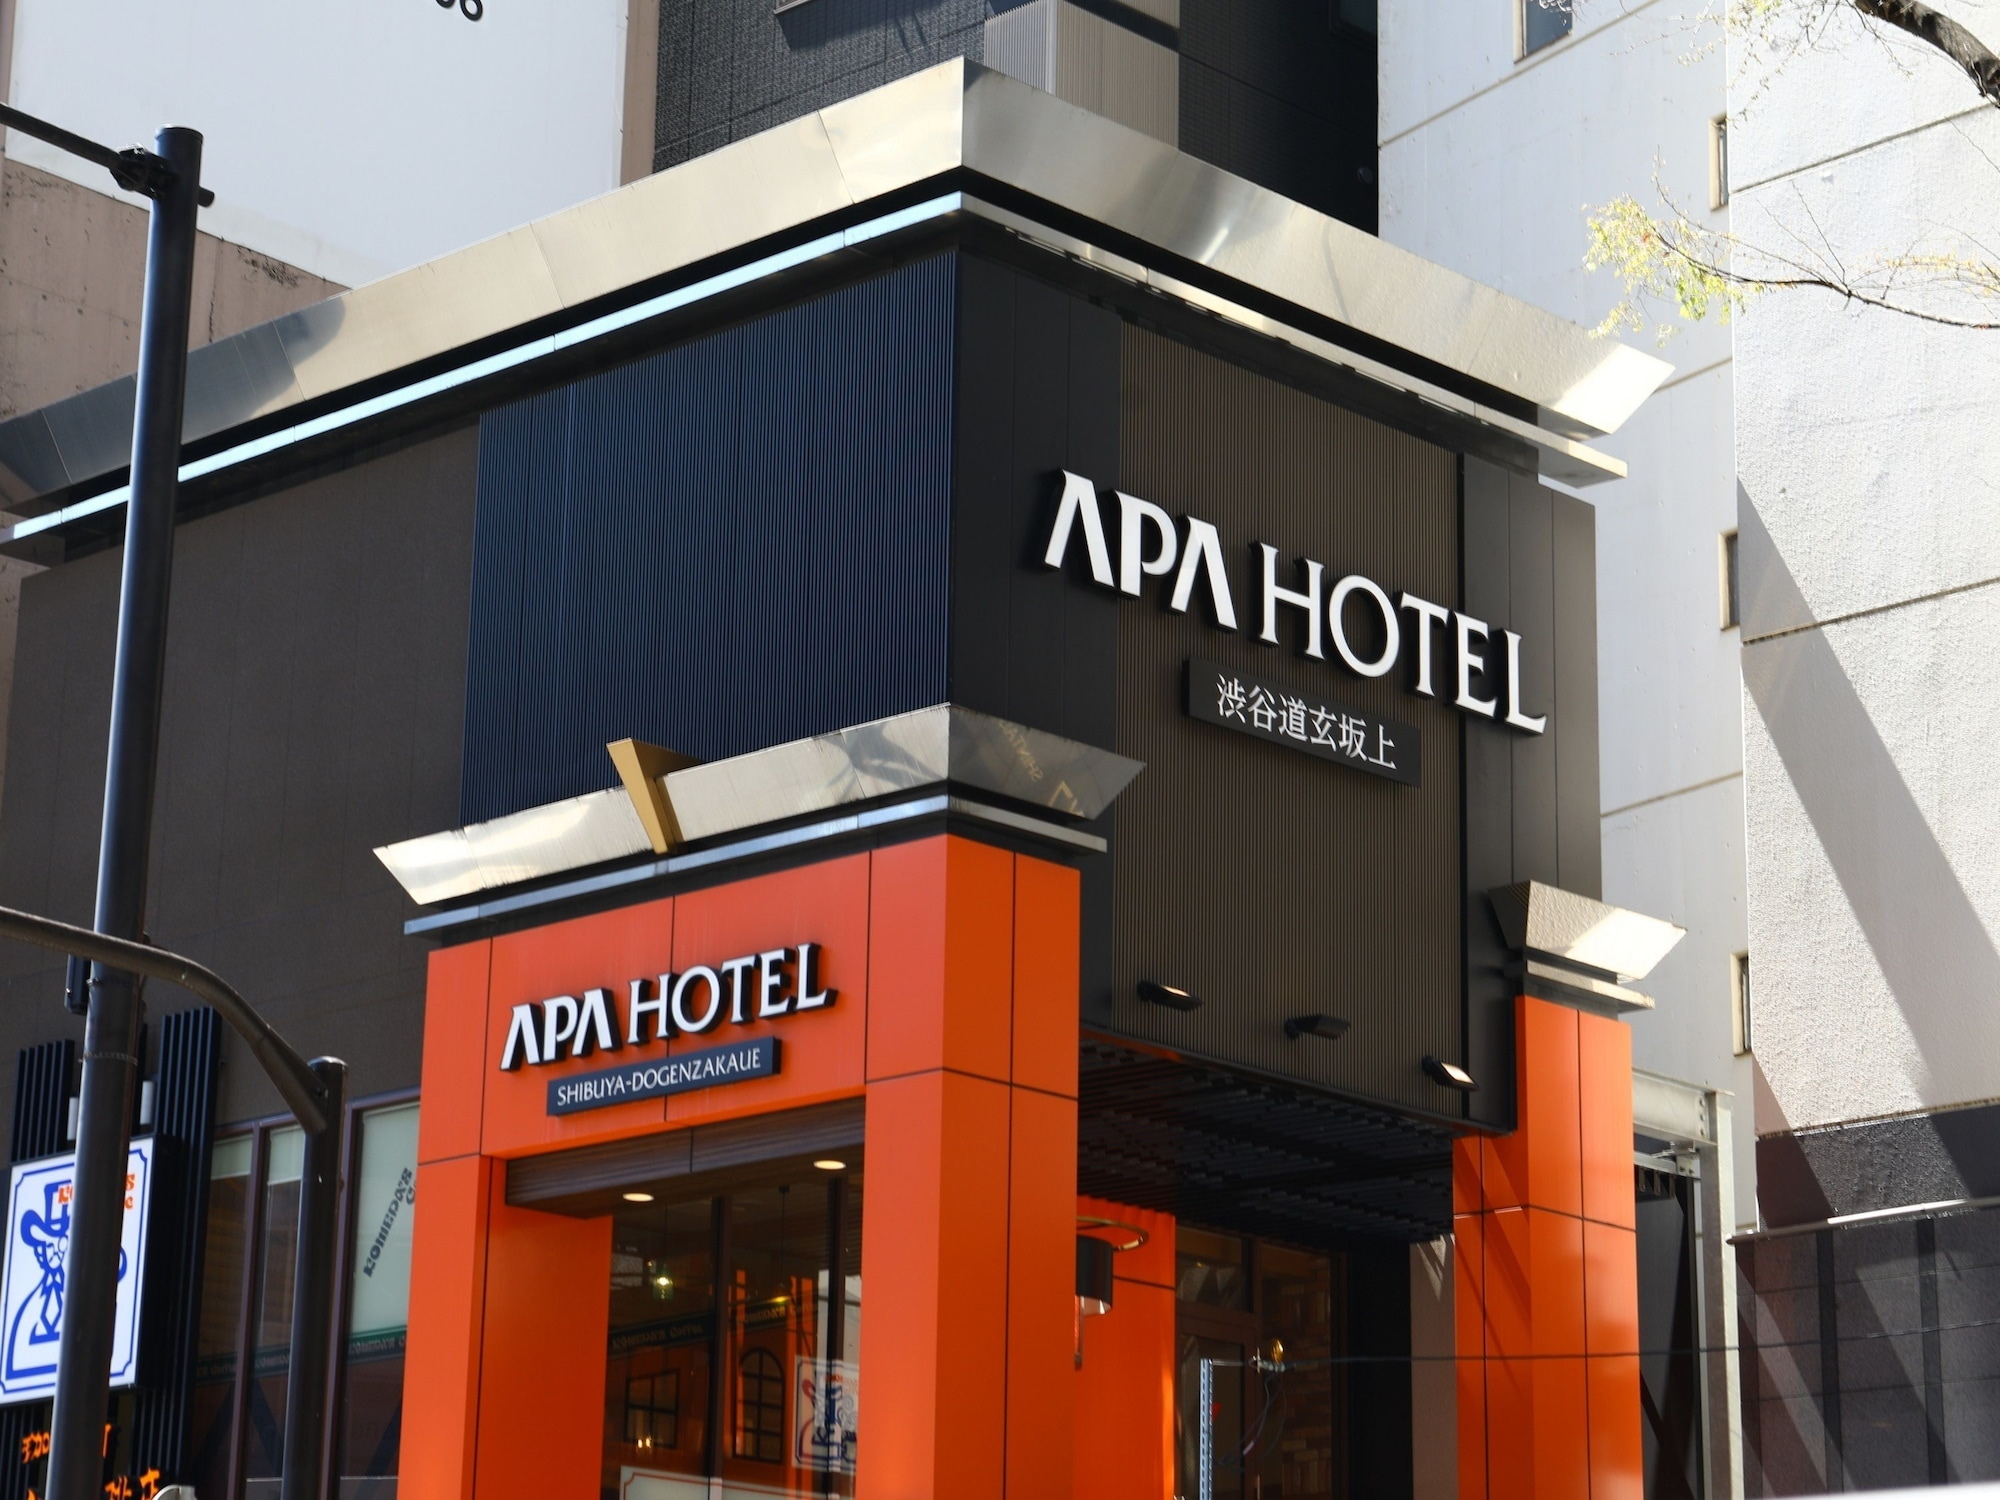 APA Hotel Shibuya-Dogenzaka-Ue, Meguro